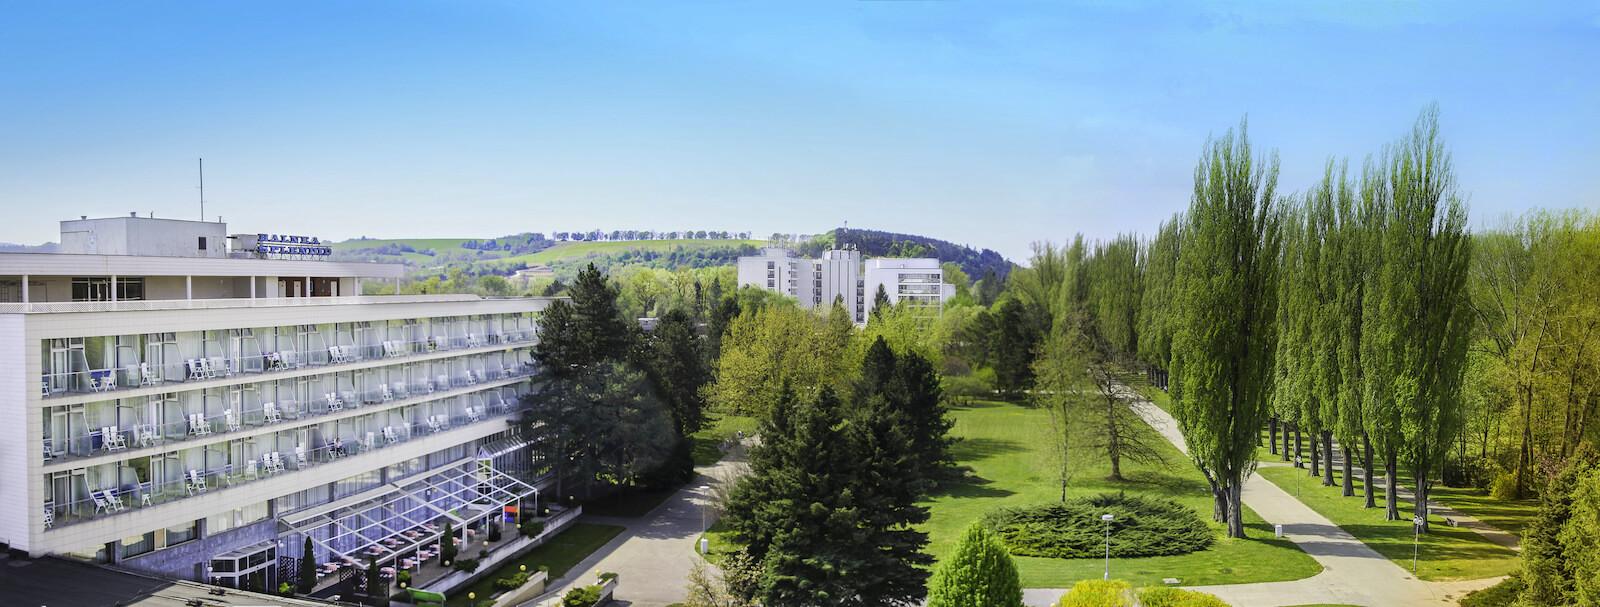 Splendid Health Spa Resort in het Slowaakse kuuroord Piestany